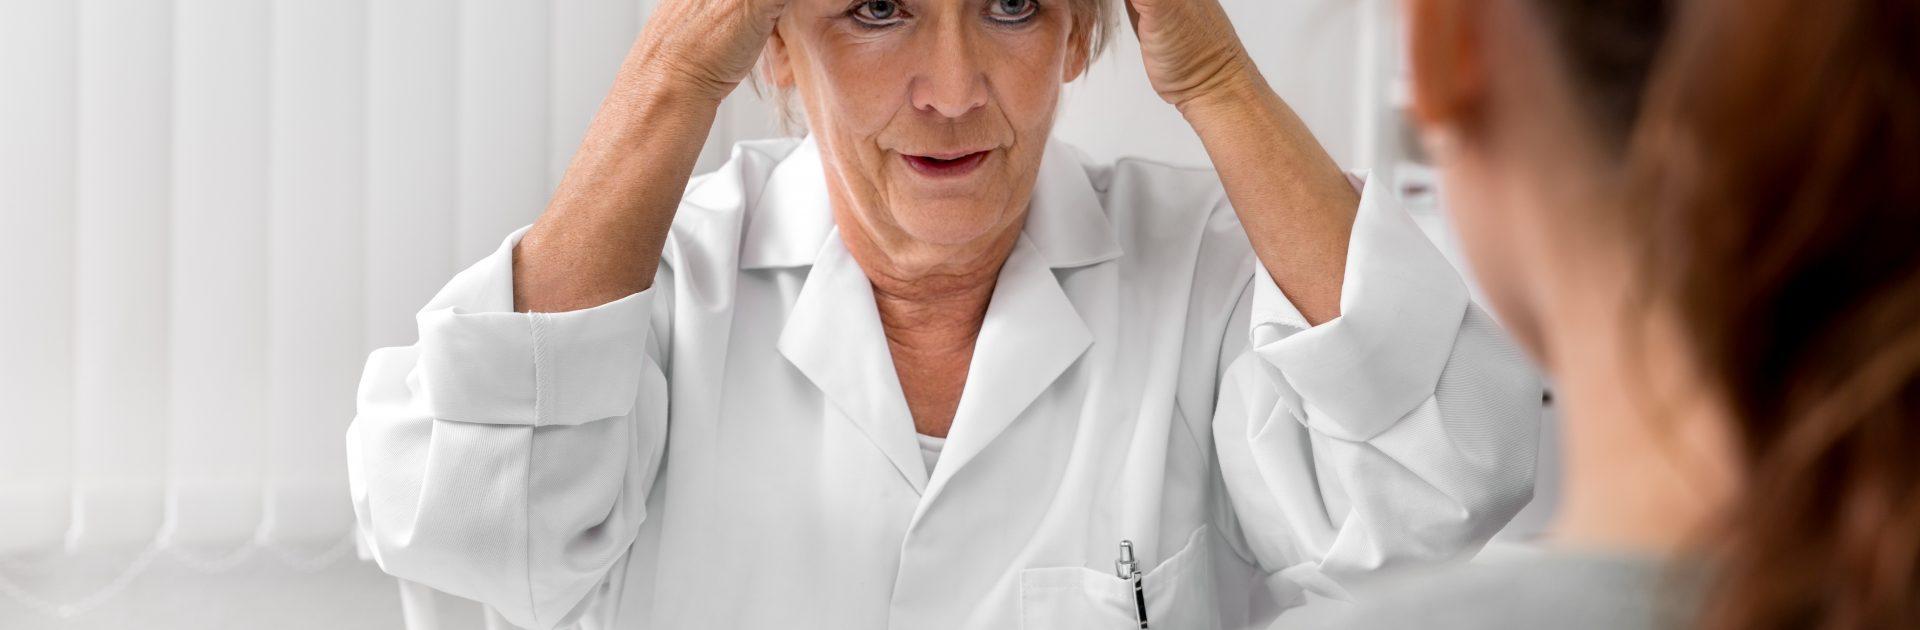 Ärztin deutet auf ihre Stirn, um einer Patientin die Lokalisation der Stirnhöhlenentzündung zu veranschaulichen.